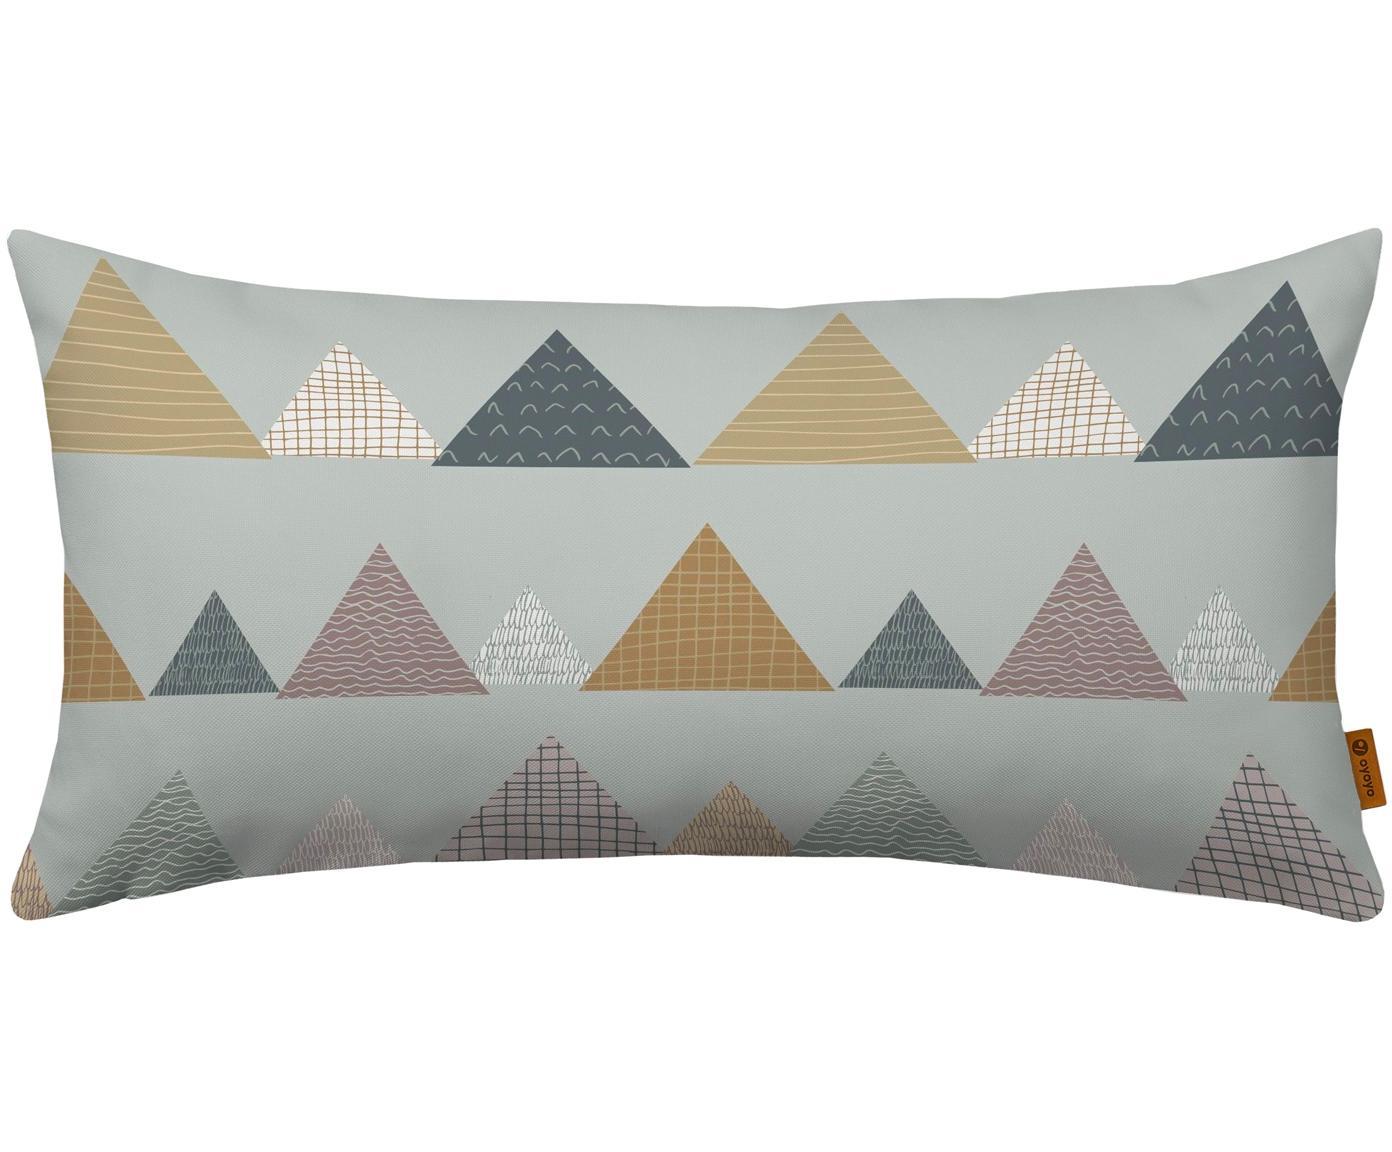 Cuscino imbottito con montagne Mountains, Rivestimento: cotone, Grigio, multicolore, Larg. 30 x Lung. 60 cm